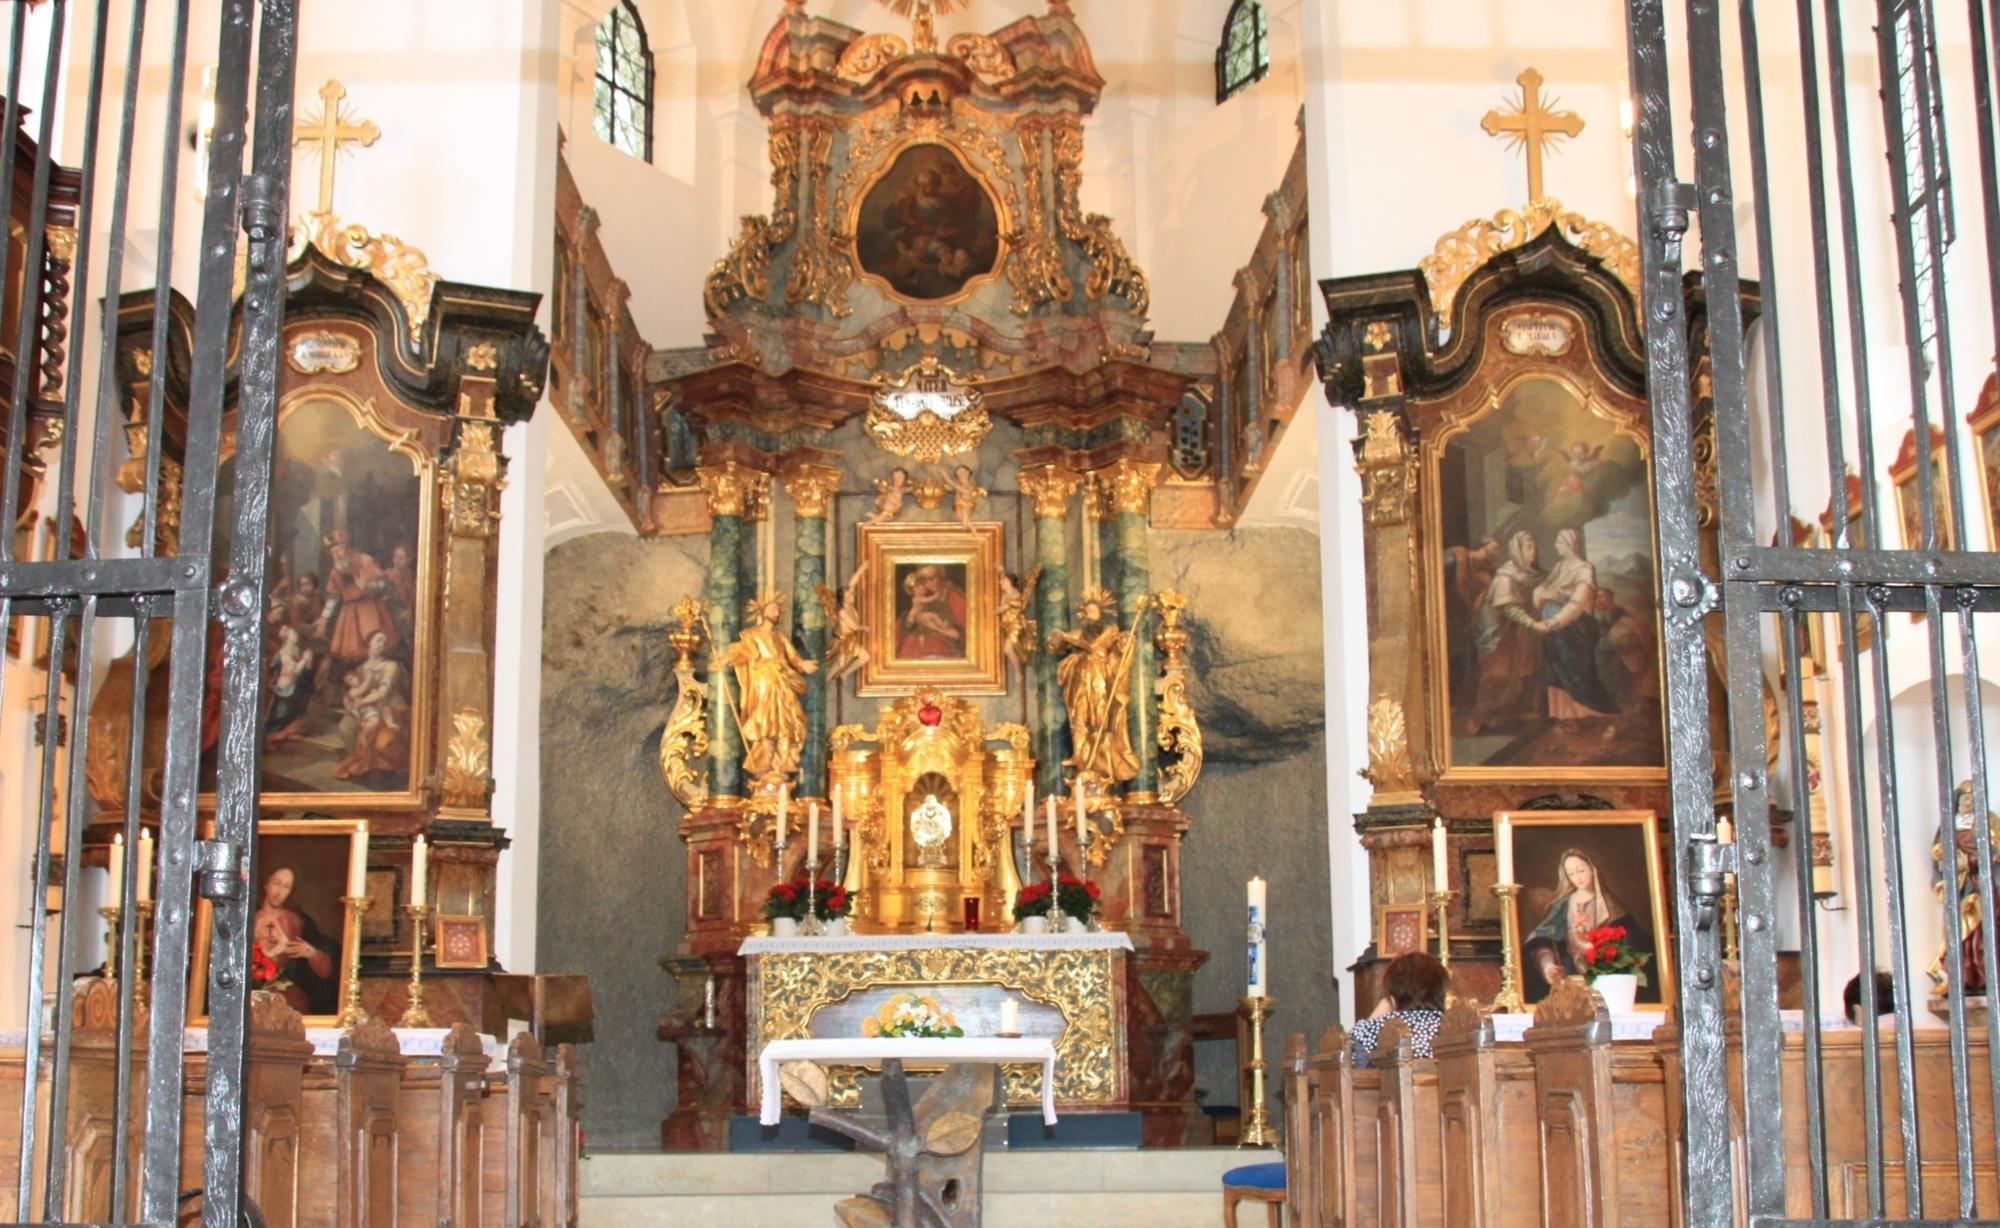 2021-07-05#Festgottesdienst_Wiedereröffnung_Steinfelskirche_2021-07-04#IMG_5942.JPG